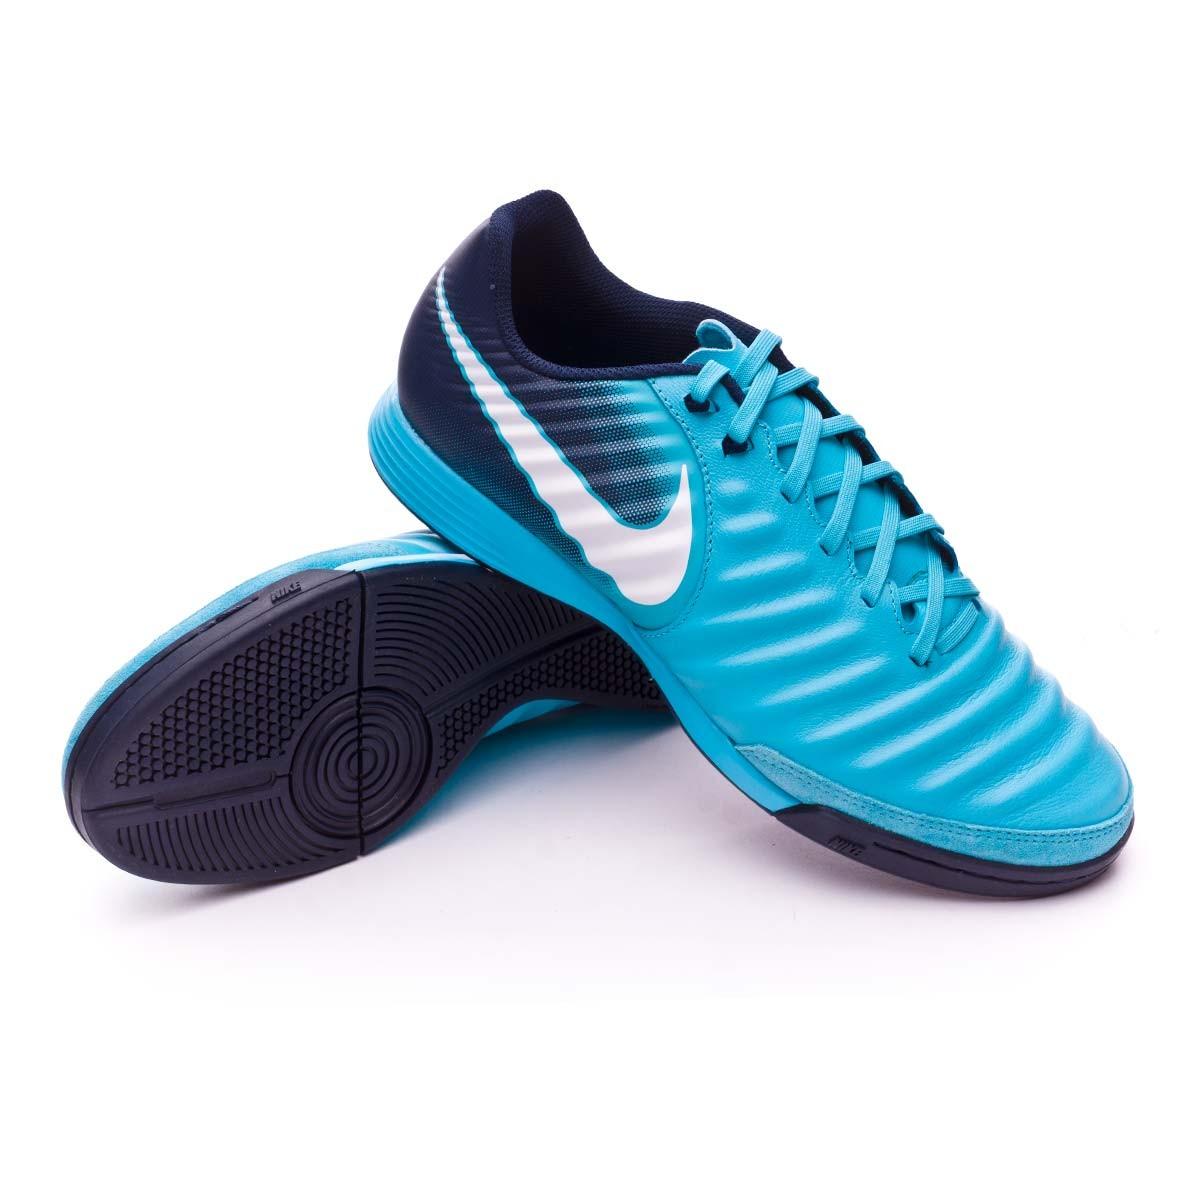 7fc5d29b7d0b8 Sapatilha de Futsal Nike TiempoX Ligera IV IC Glacier blue-Gamma  blue-Obsidian-White - Loja de futebol Fútbol Emotion